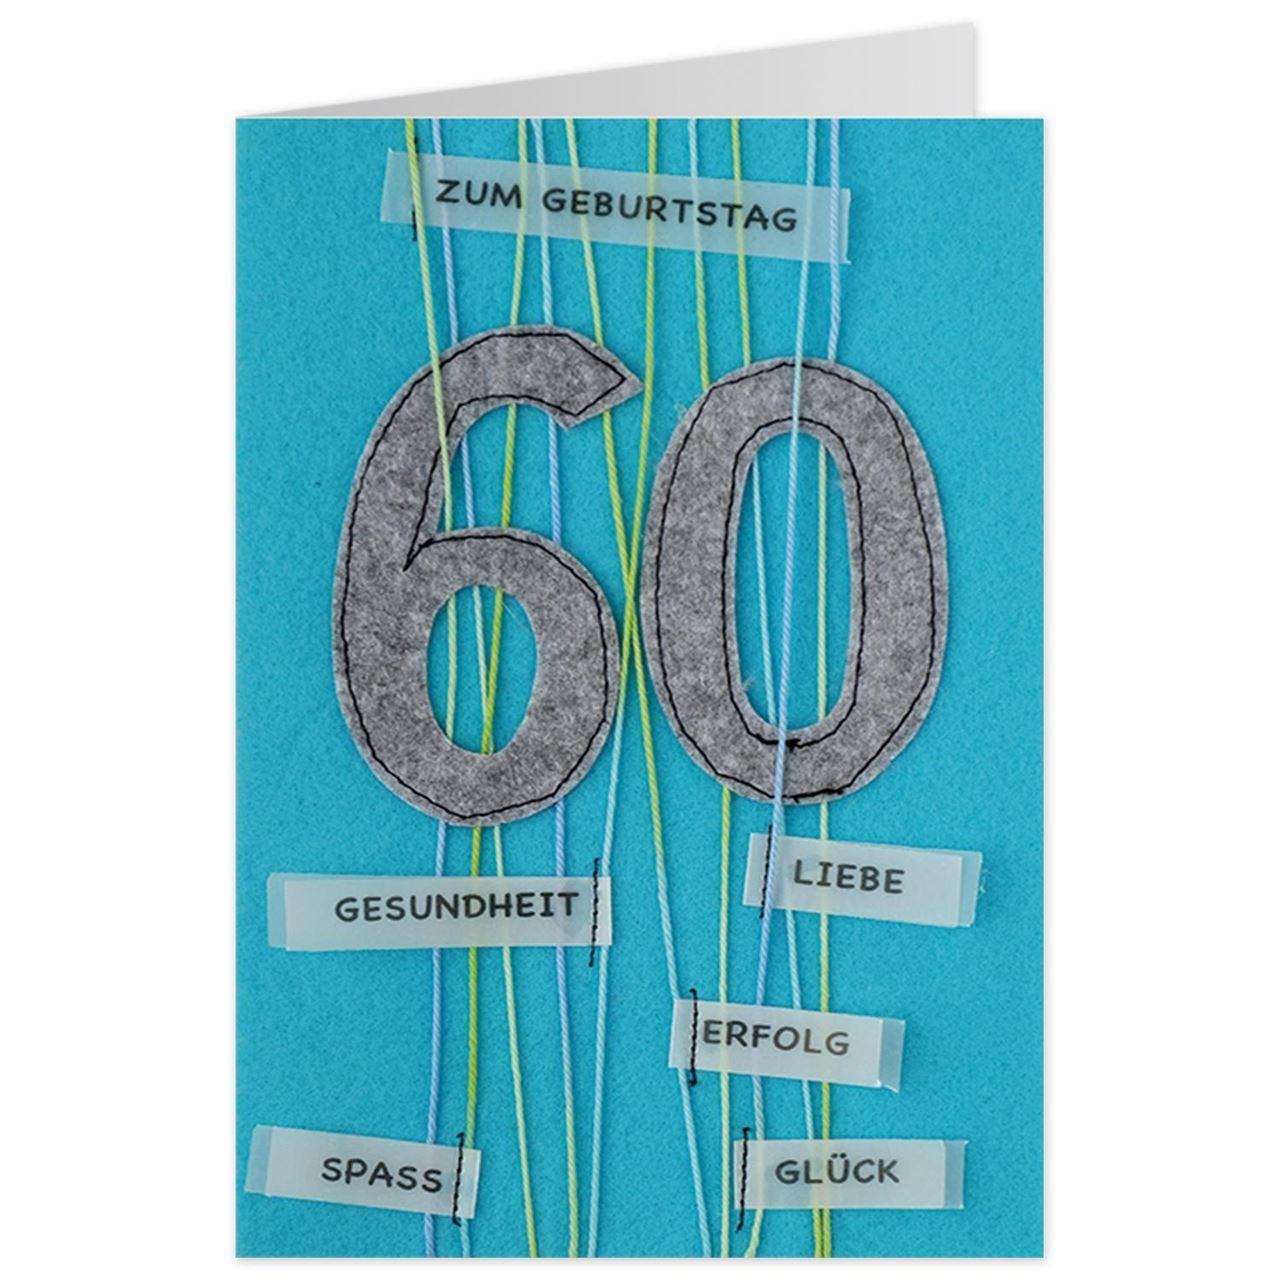 Karte 60 Geburtstag.Gruss Und Co Filzkarte 60 Geburtstag Zum Geburtstag Gesundheit Liebe Erfolg Spass Gluck